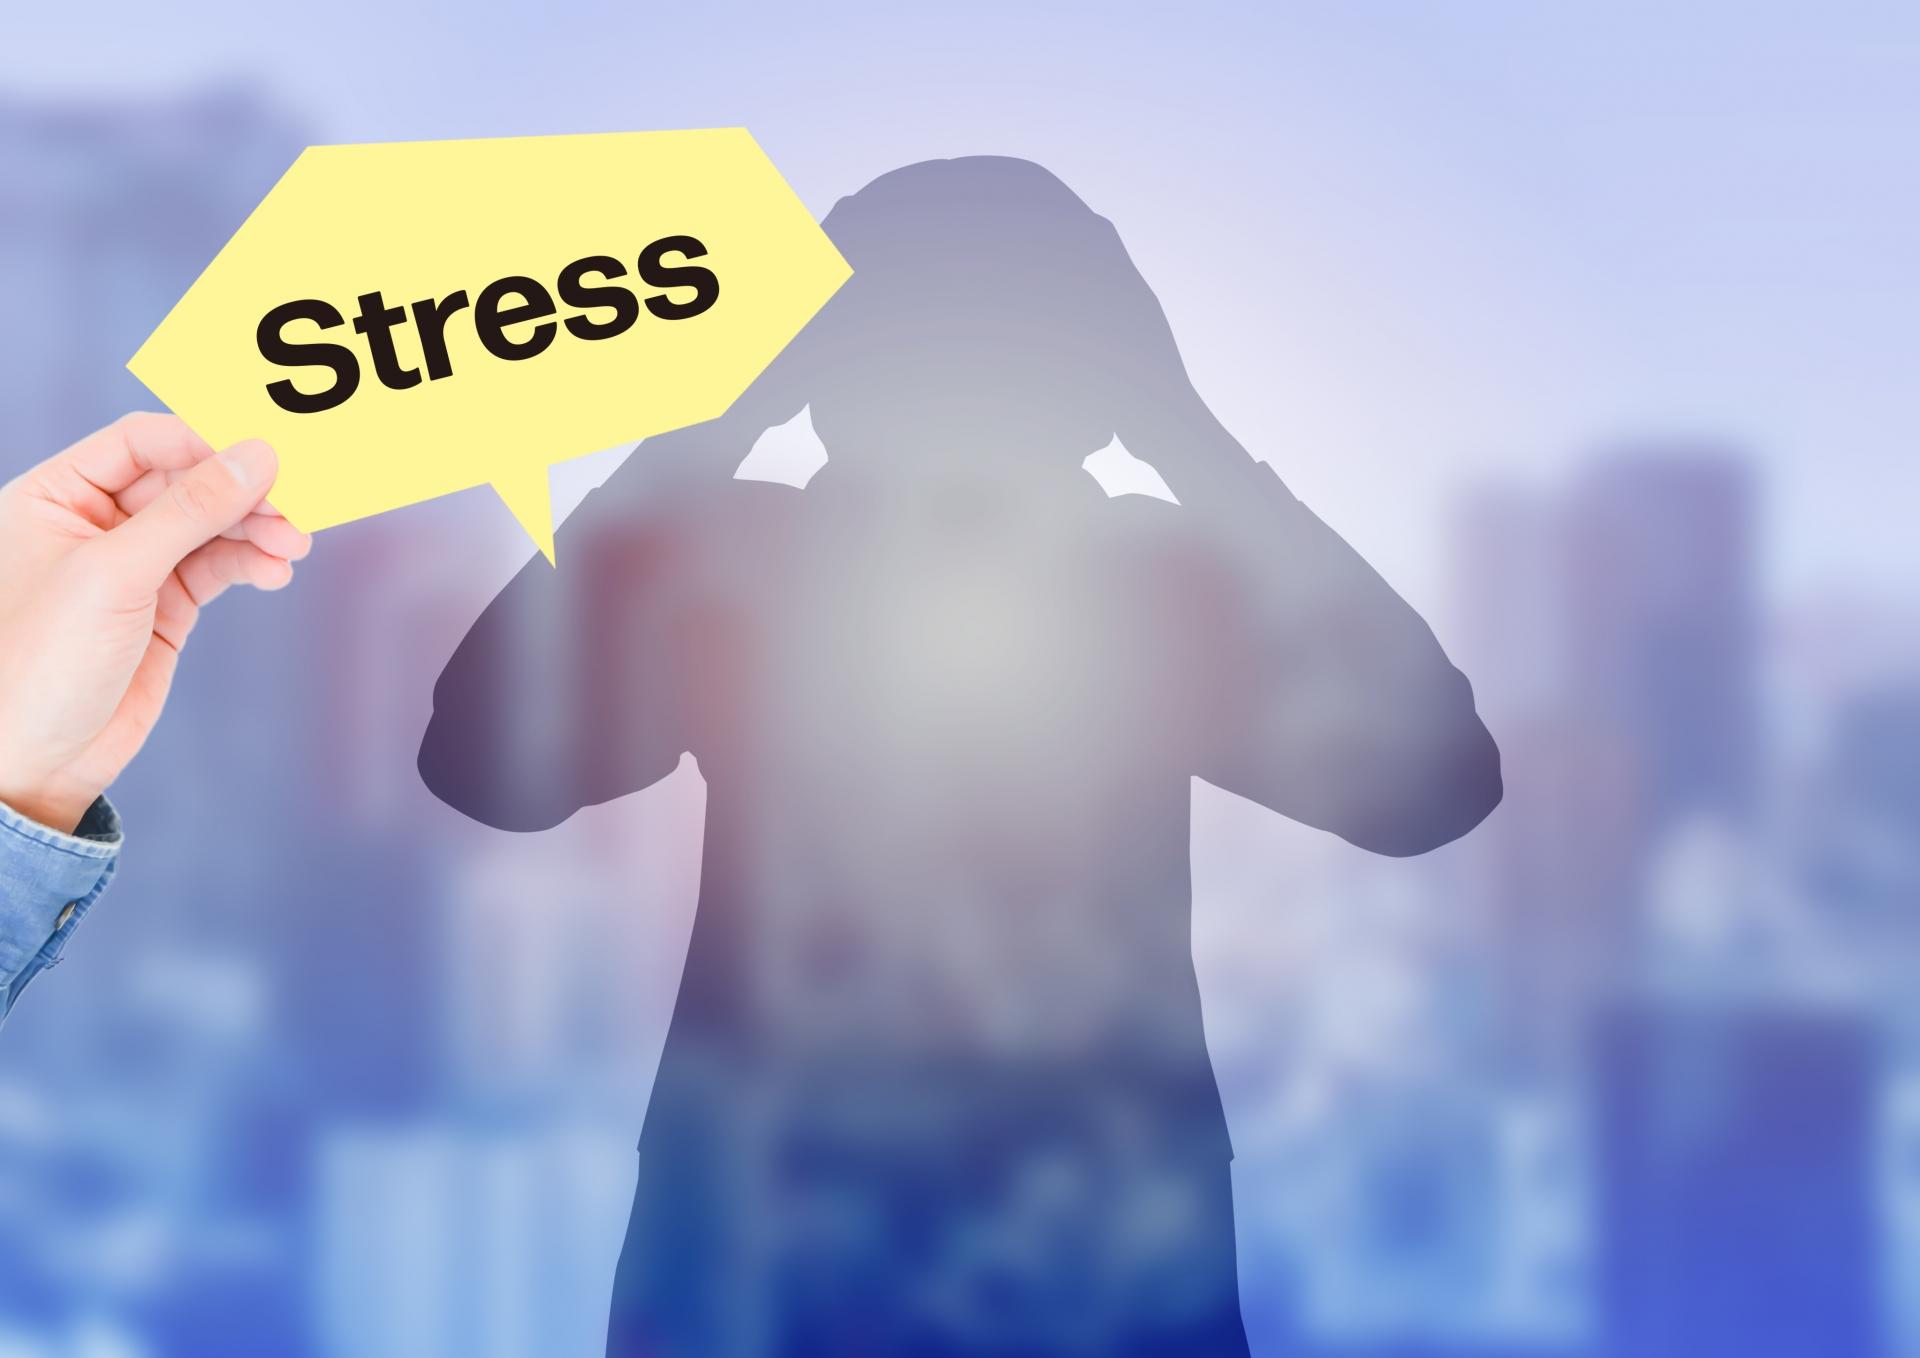 上京してからの悩み・ストレスと上手に付き合う方法